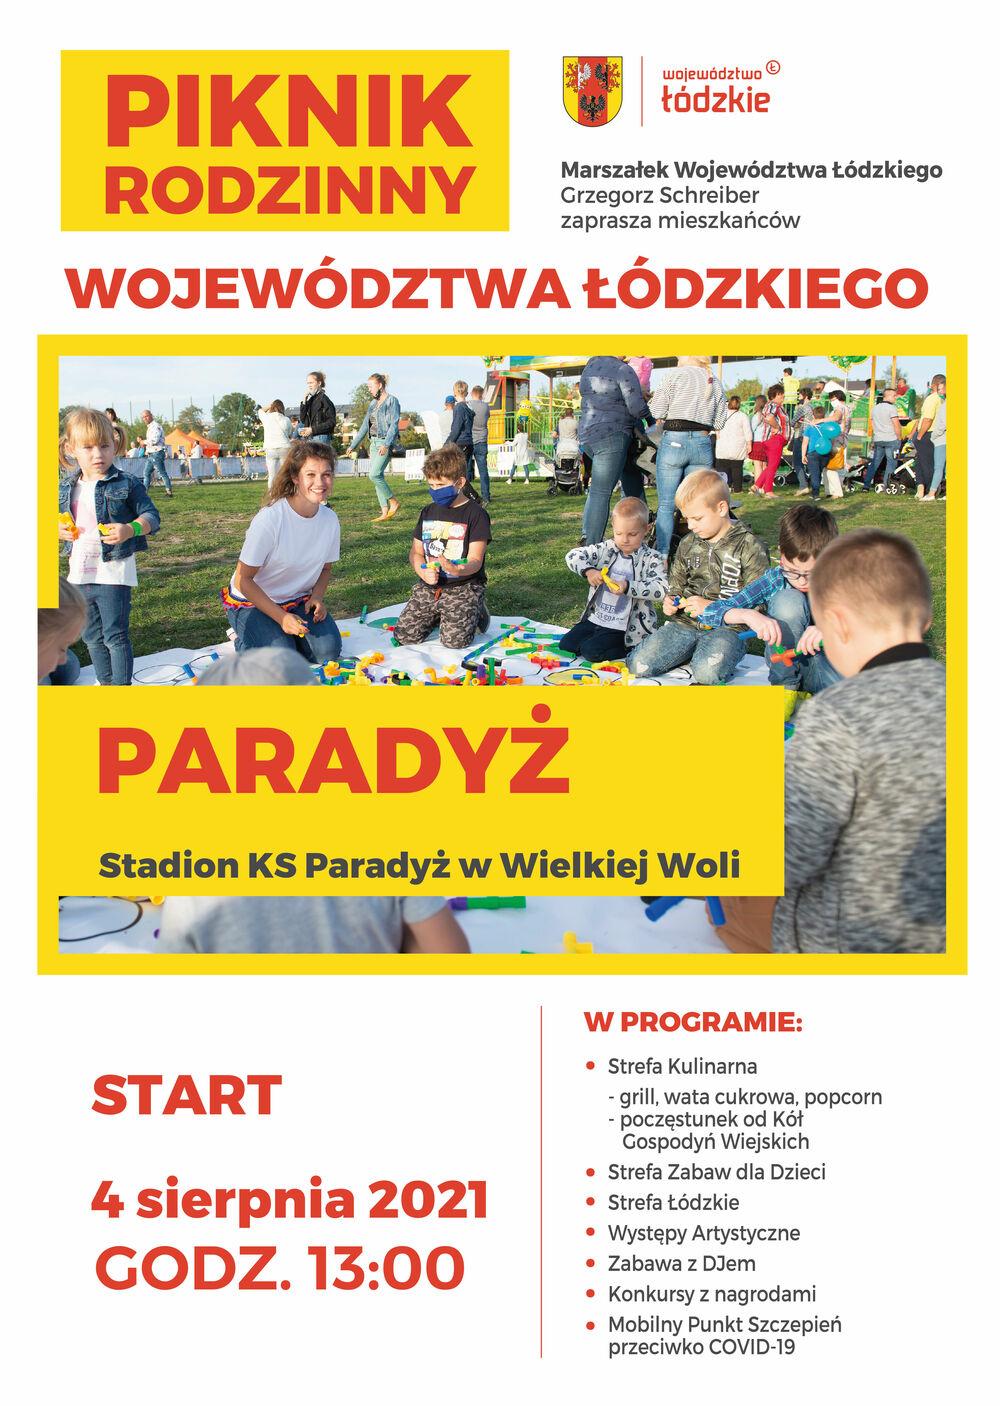 Piknik Rodzinny Województwa Łódzkiego w Paradyżu